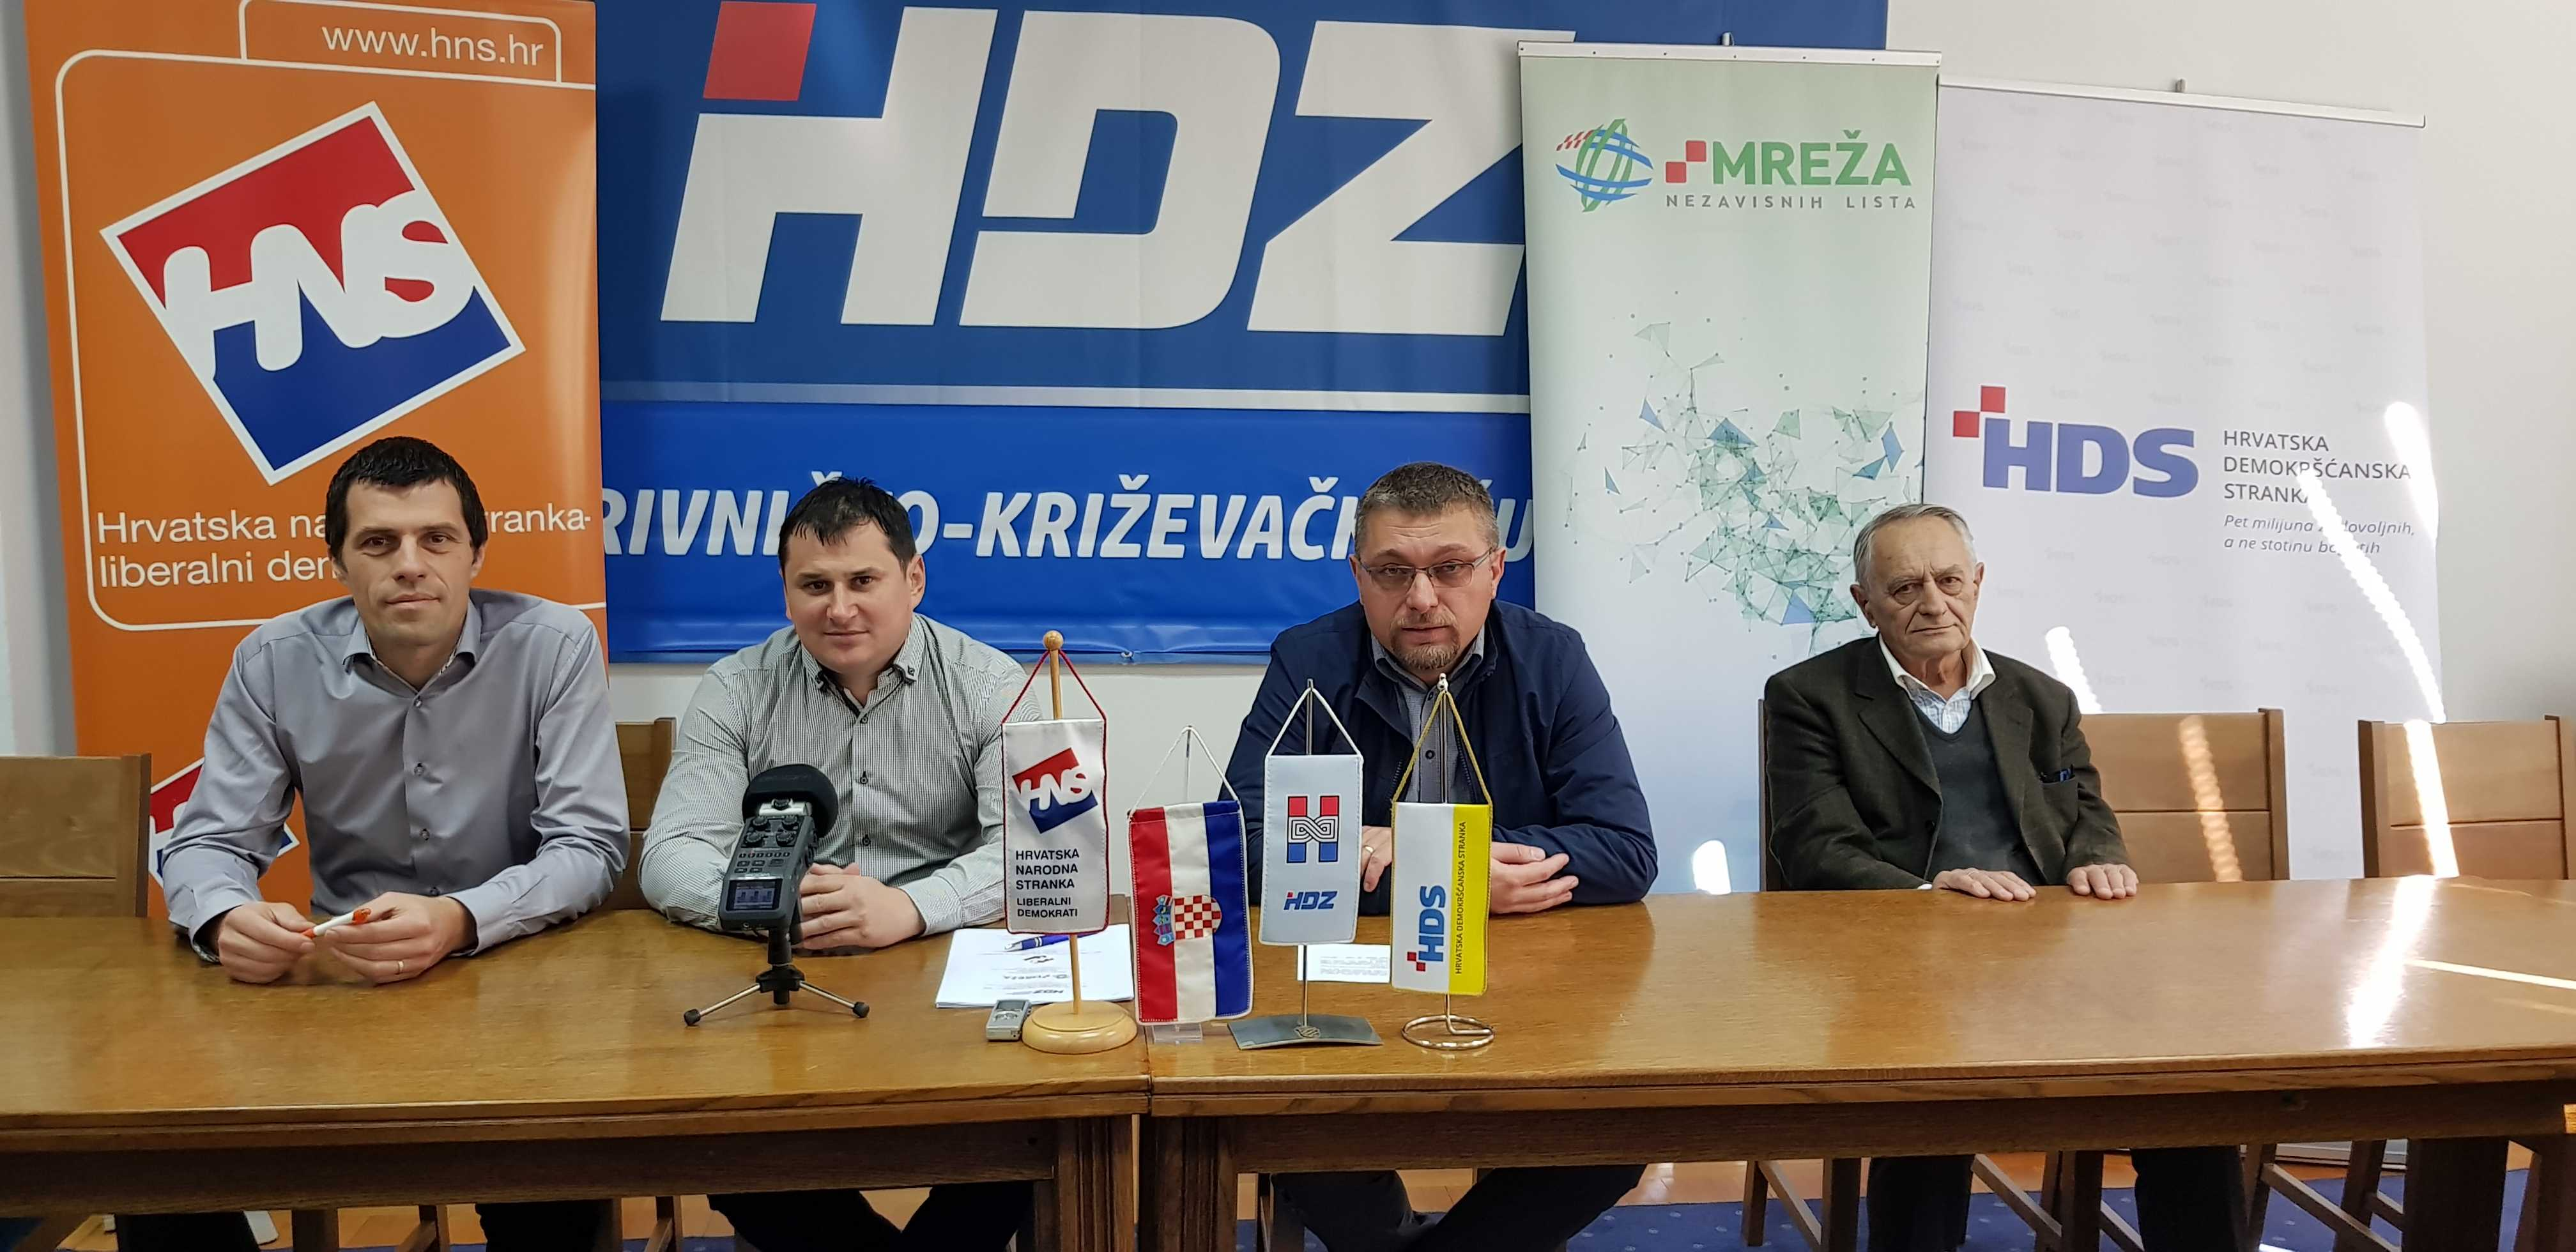 Koprivnička Mreža, HDZ, HNS i HDS potpisali predizborni koalicijski sporazum